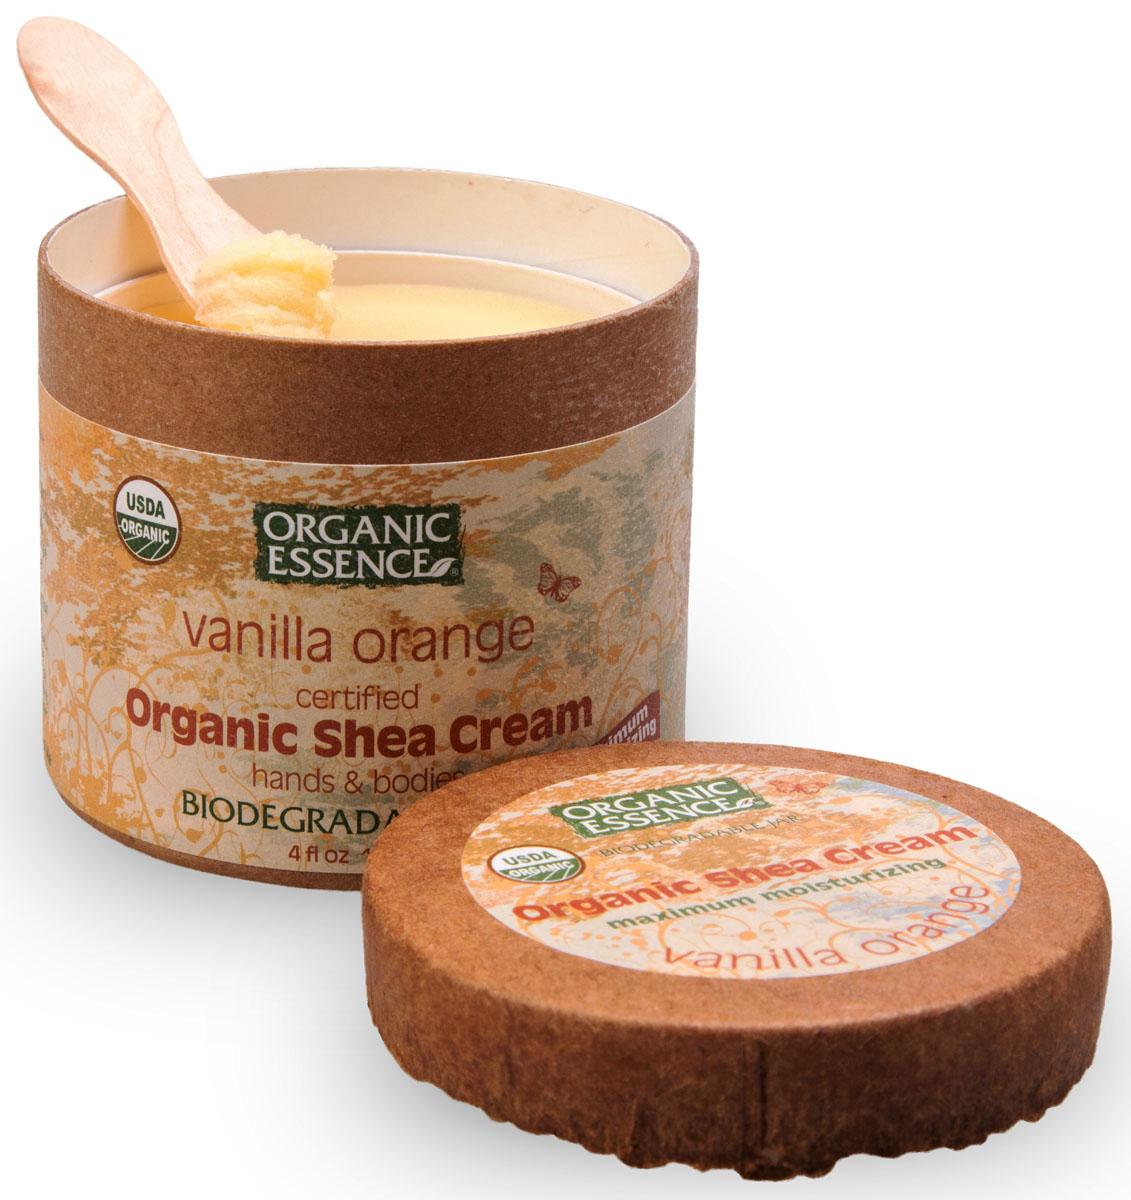 Organic Essence Органический крем Ши (Карите), Ваниль и апельсин 114 г/118 млCCVANUSDA Organic сертифицированный продукт. Интенсивное увлажнение. Подходит для ежедневного применения. В состав Органического крема Ши входит ваниль, обладающая всем знакомым приятным ароматом. Органическая ваниль в первую очередь предназначена для борьбы со стрессом, напряжением и раздражительностью. Аромат ванили не только расслабляет тело, но и снимает нервное напряжение. Апельсиновое масло относится к эфирным маслам с психологически согревающим воздействием. Мягкий аромат апельсинового масла принадлежит к тонизирующим запахам, помогающим улучшить настроение, снять усталость. Обогащенный маслом апельсина органический крем Ши способствует восстановлению упругости и уменьшению морщин, используется в качестве витаминизирующего и защитного средства по уходу за кожей. Отлично подойдет масло в составе крема и для проблемной кожи: оно поможет справиться с расширенными порами и постугревыми шрамами. Масло апельсина также улучшают кровообращение и оказывает противовоспалительный эффект.